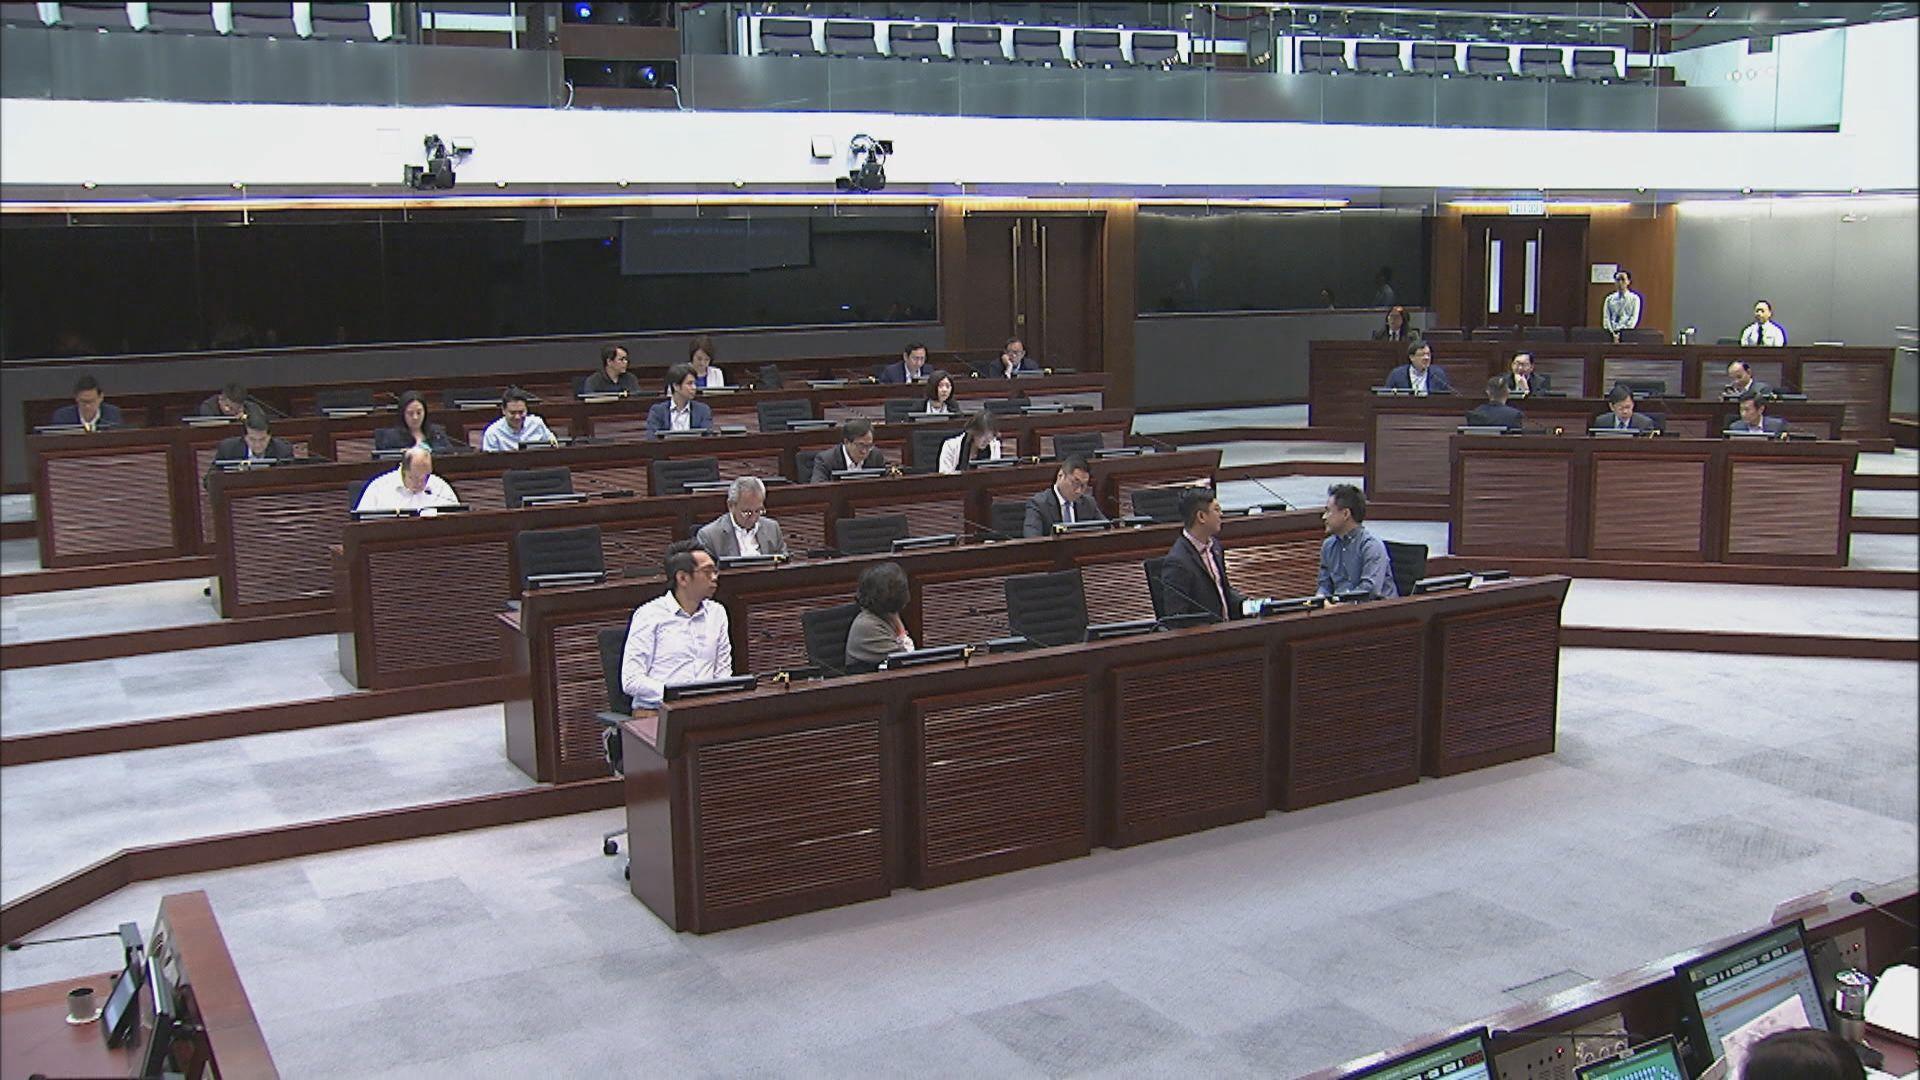 議員關注辯論禁蒙面法或影響司法覆核程序